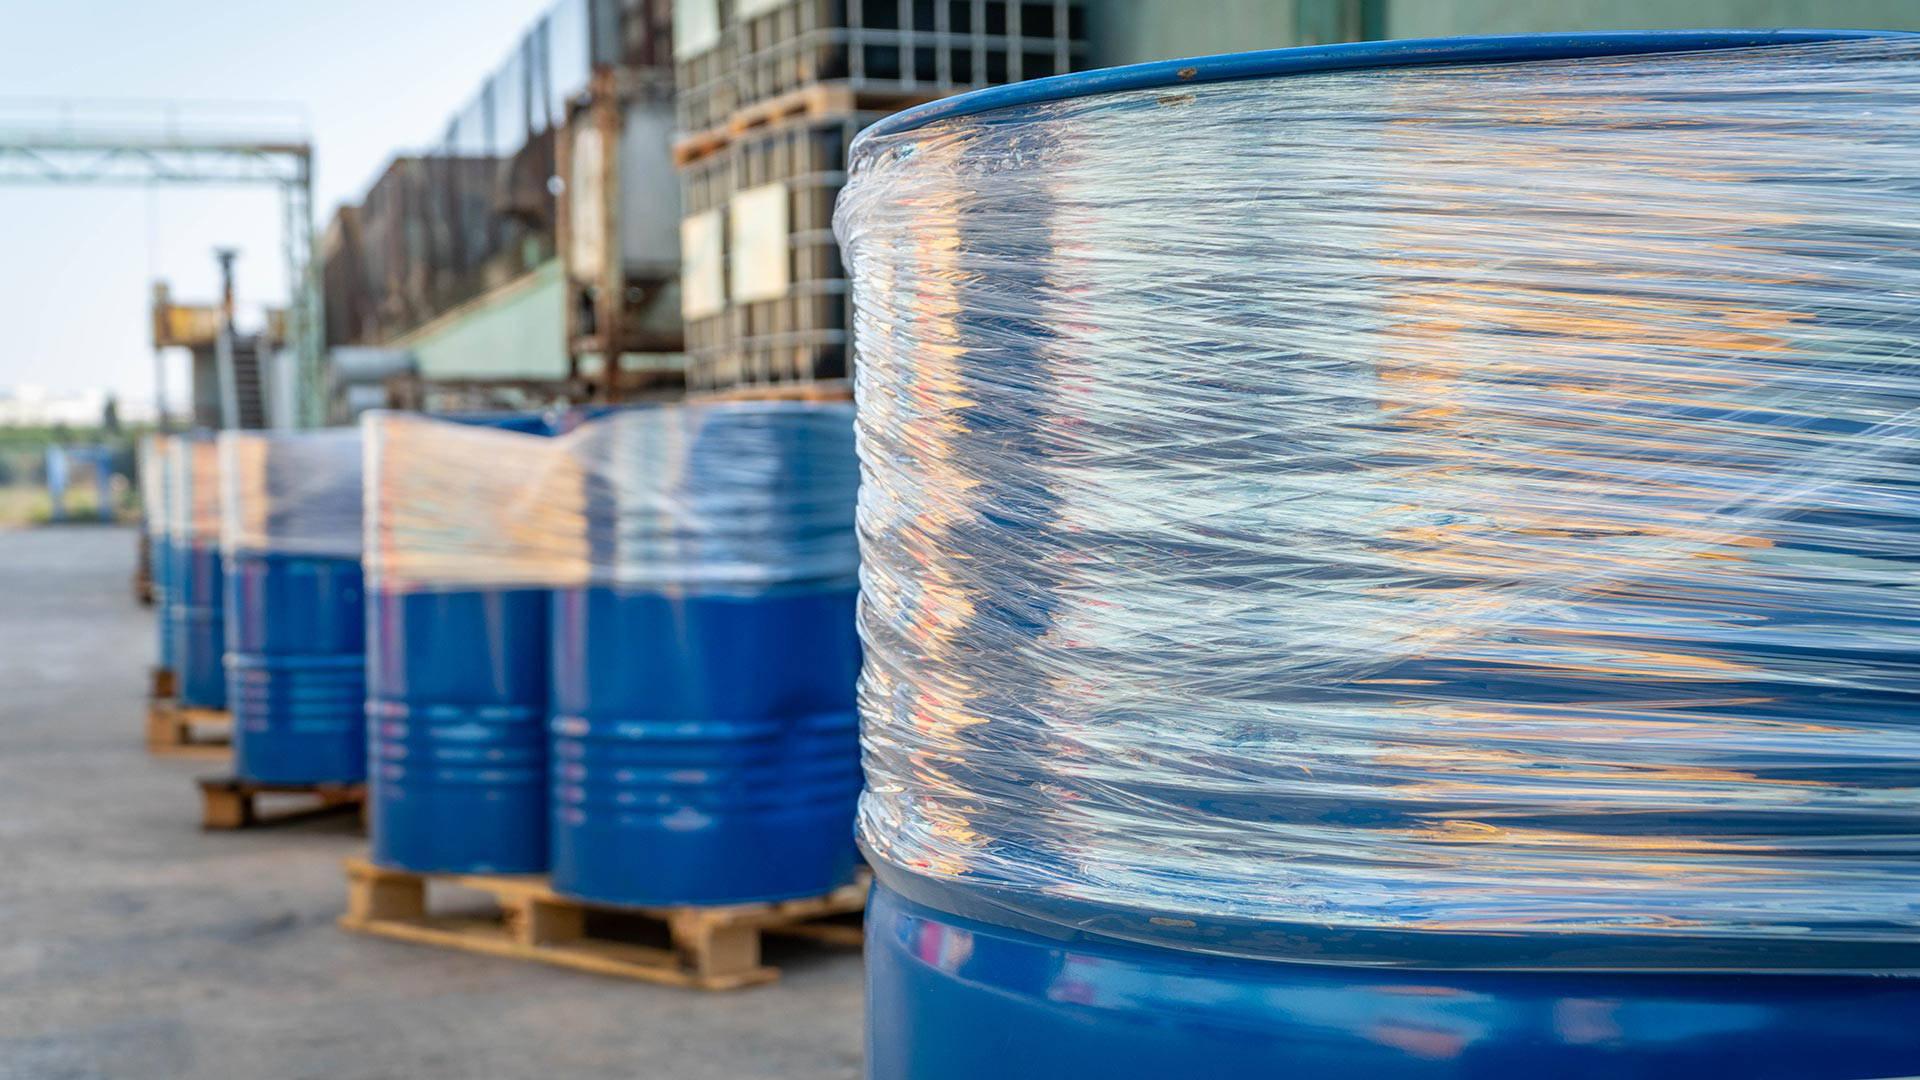 Uprawienia na przewóz materiałów niebezpiecznych